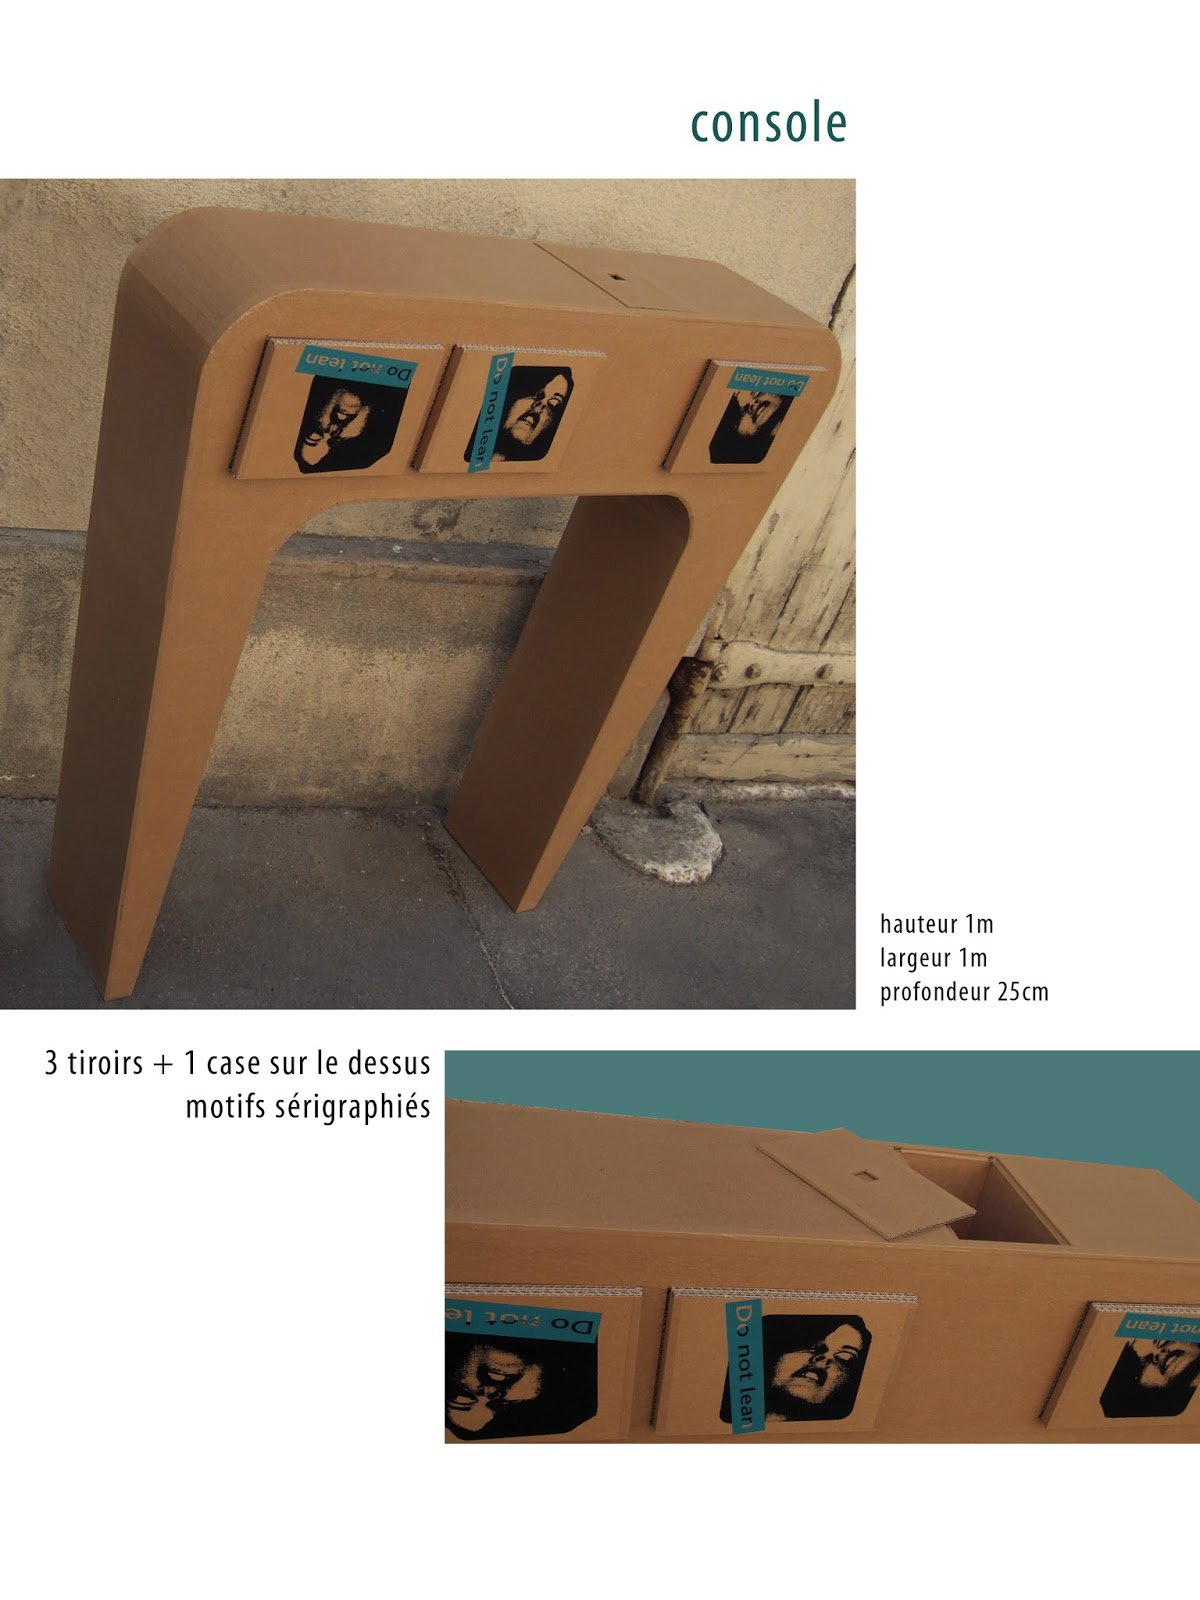 console en carton. meuble en carton case et tiroirs. création sur mesure fabriqué à marseille par juliadesign.